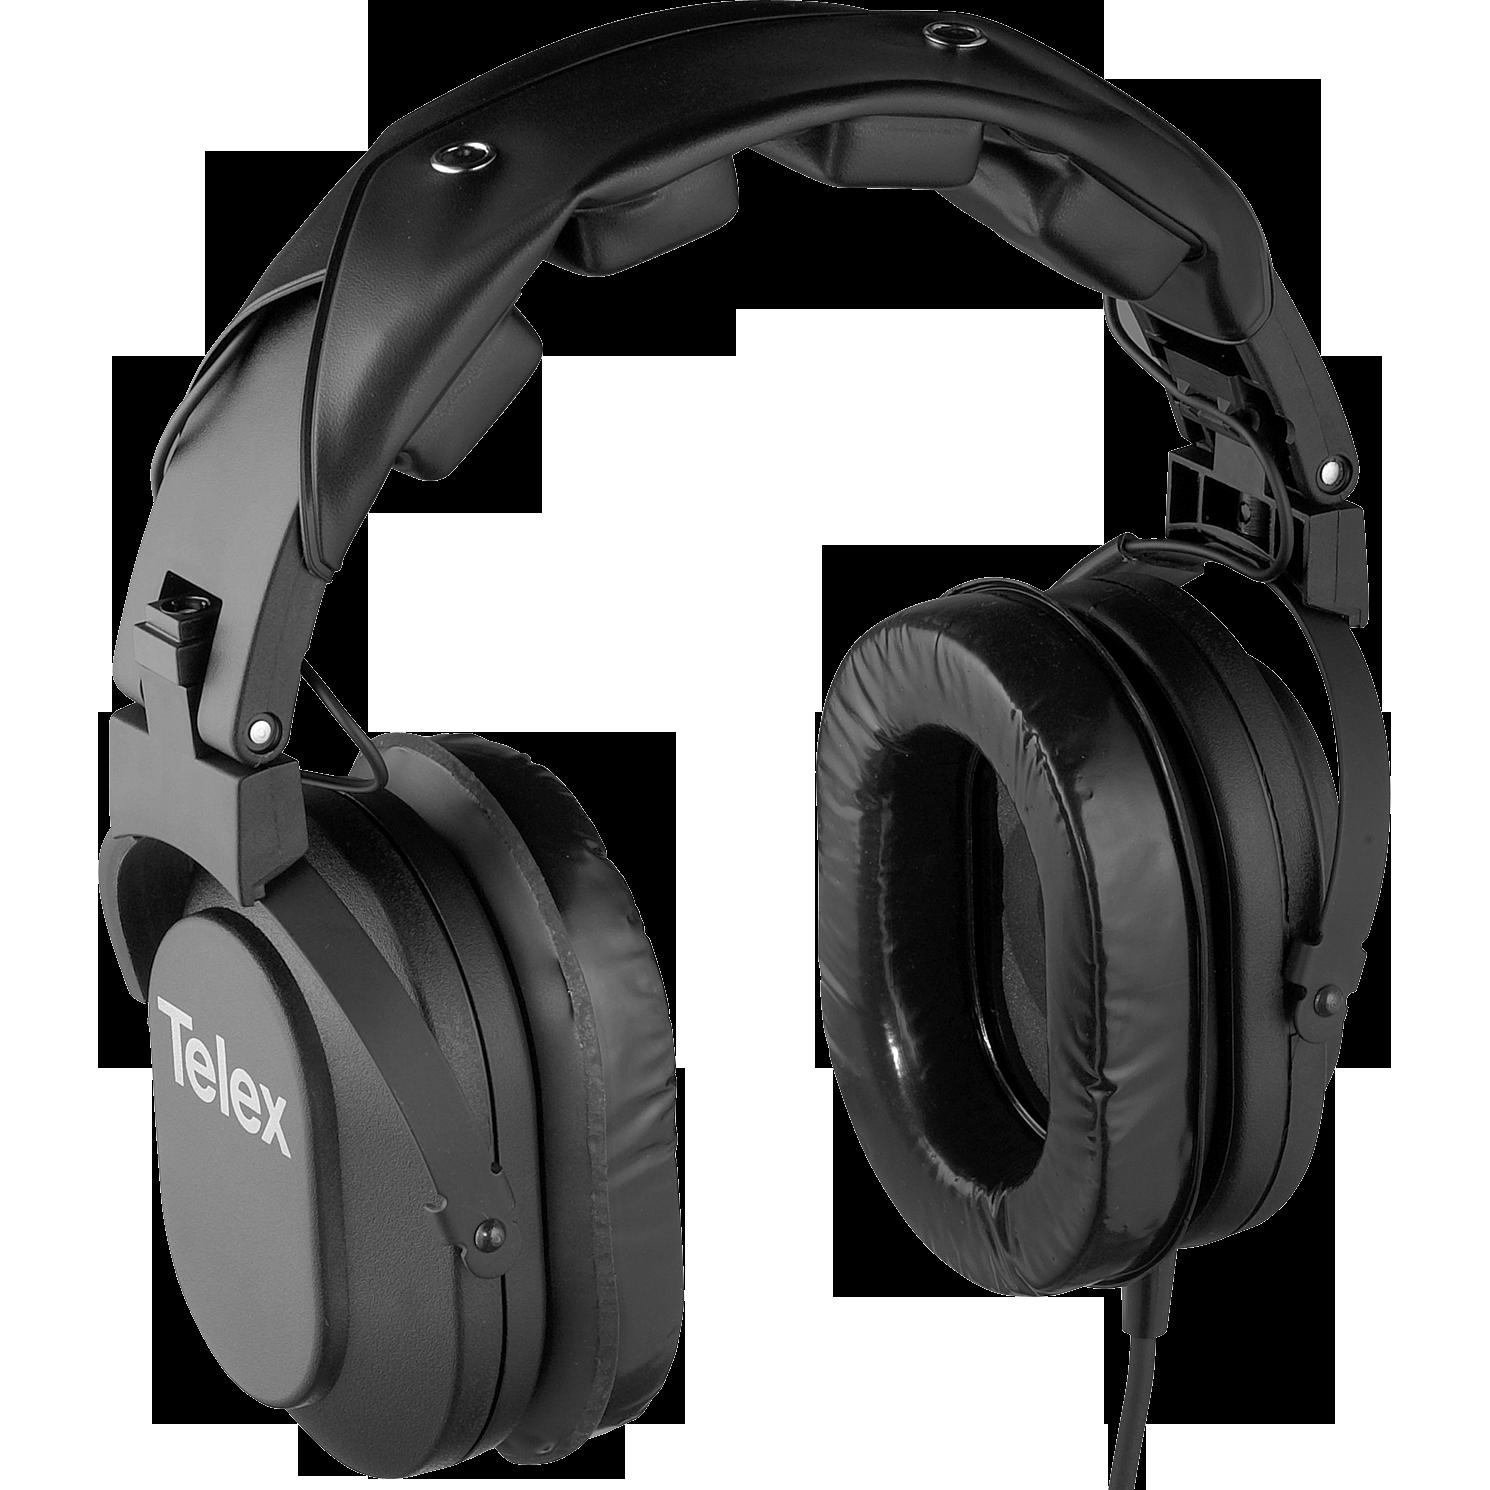 Headphones PNG - 898